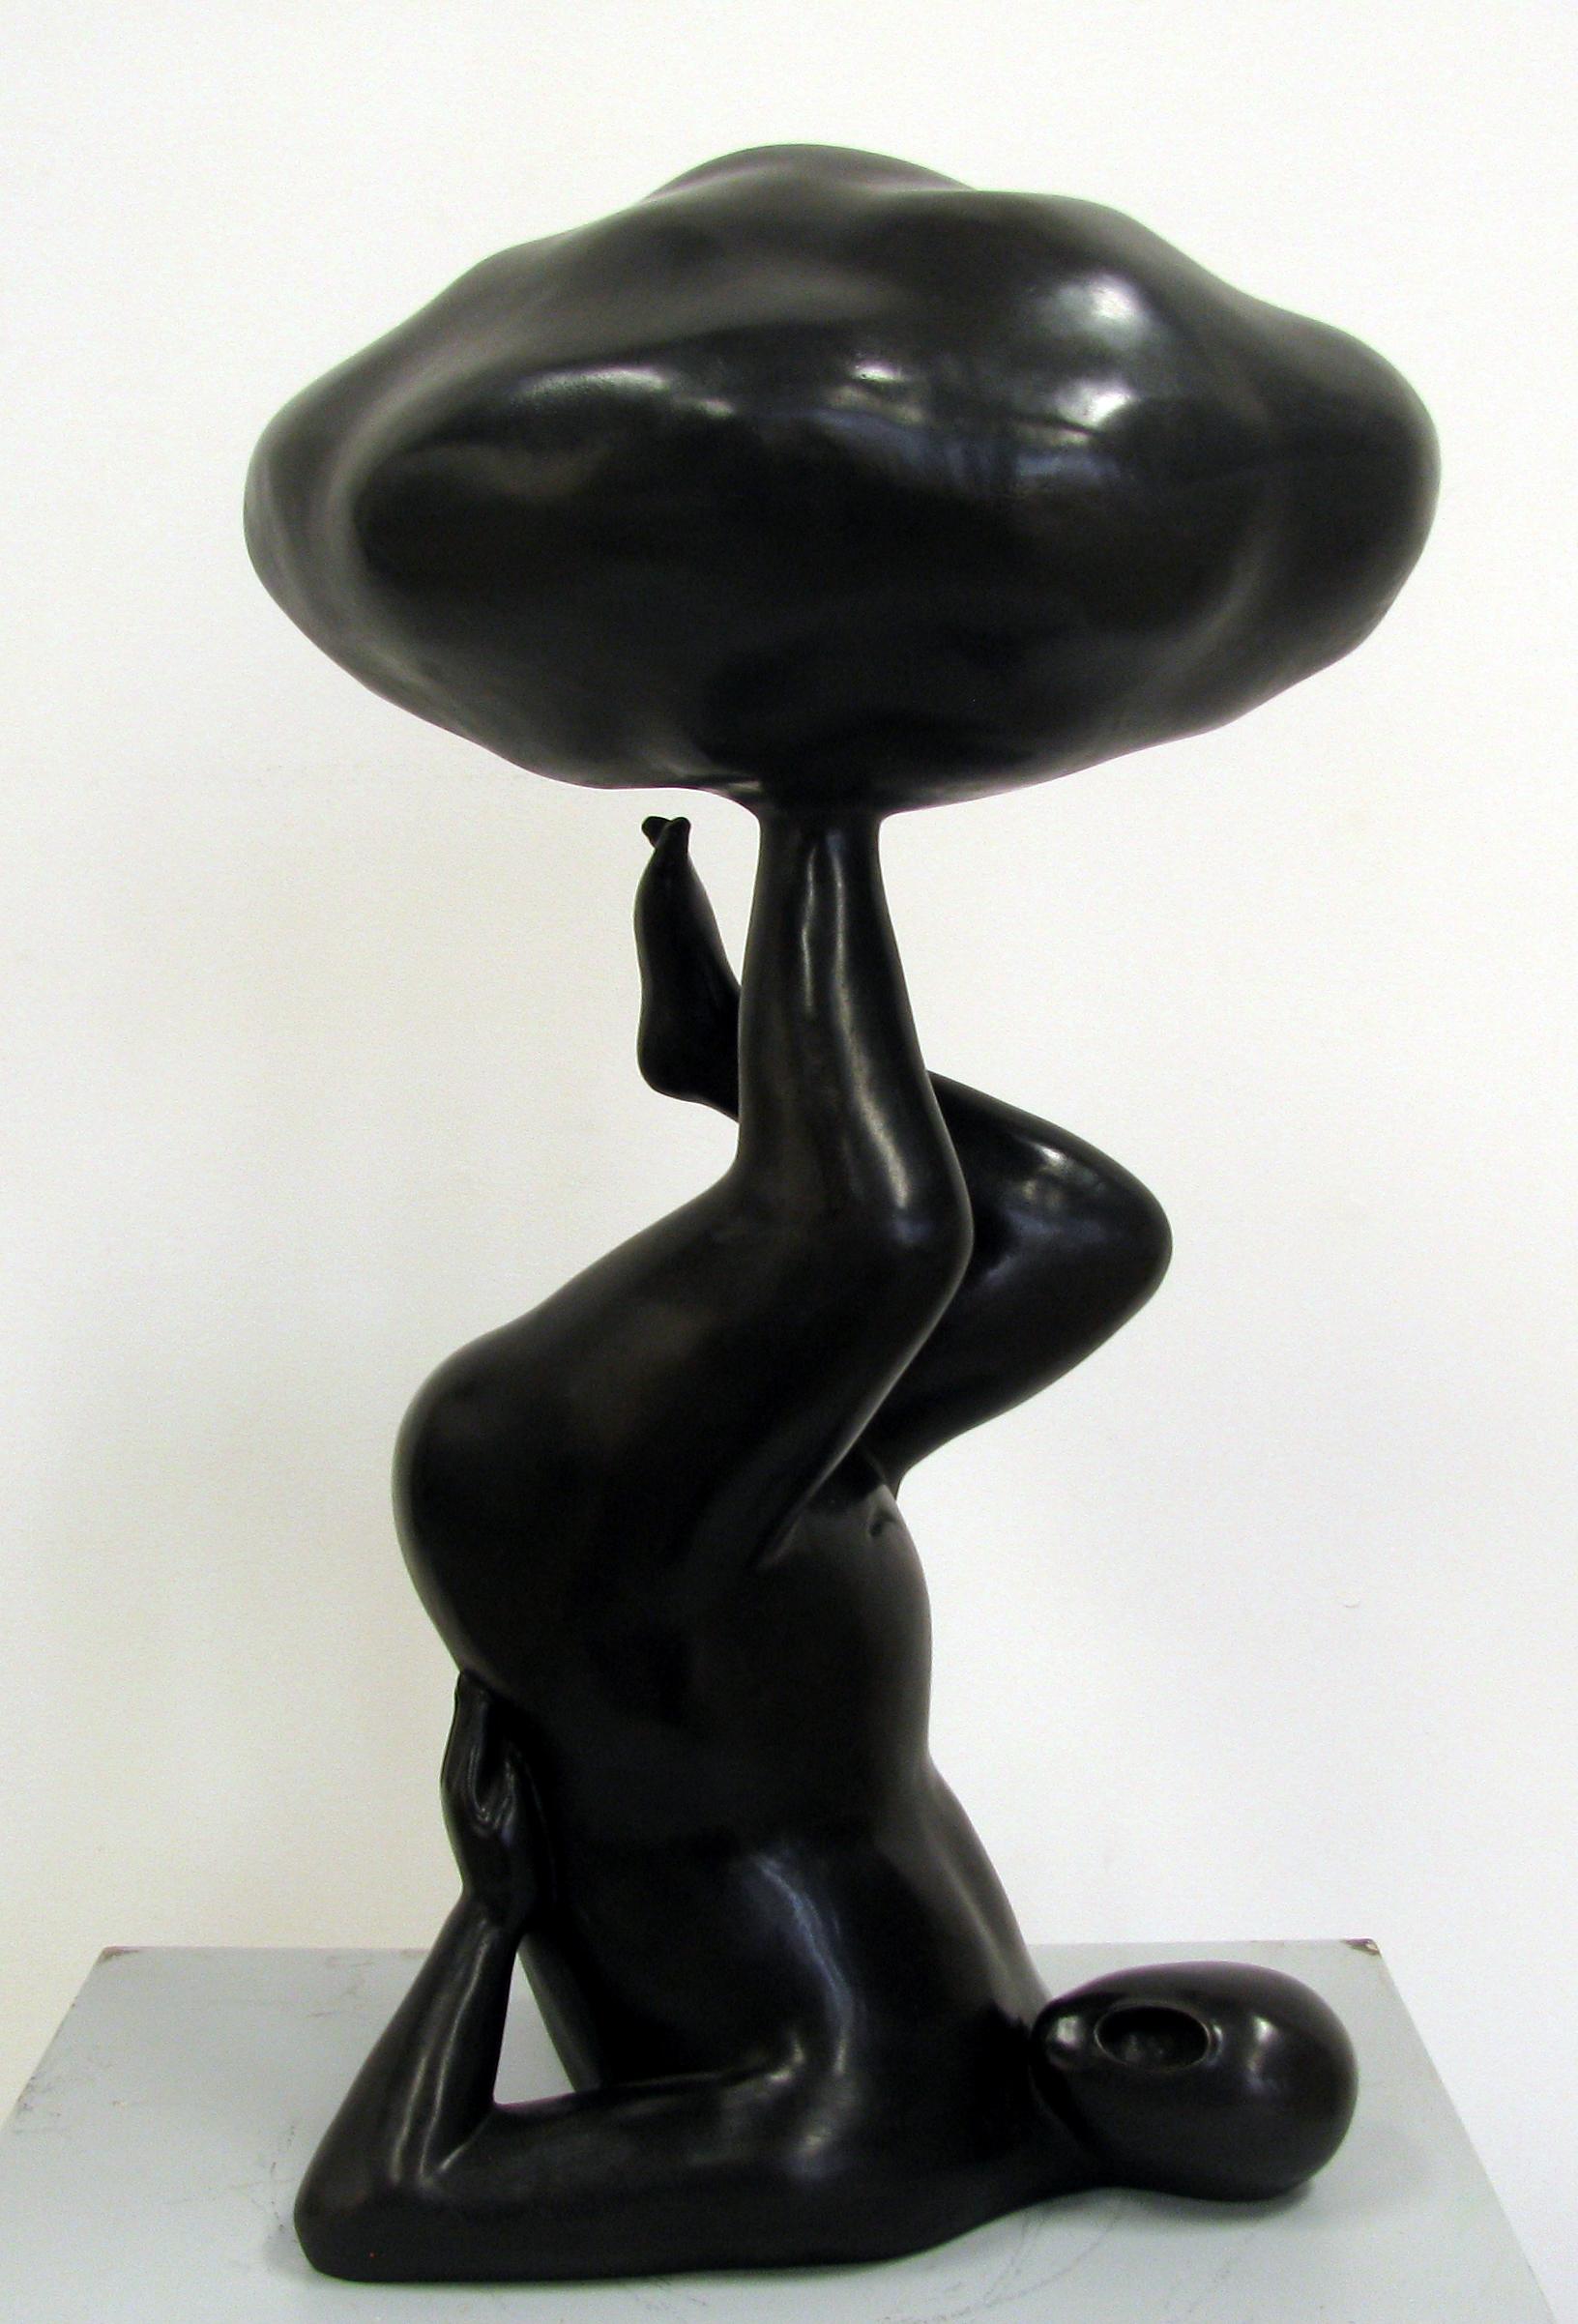 GUAN WEI   Up in the Clouds No. 4   2012   Bronze Sculpture   60 x 36 cm